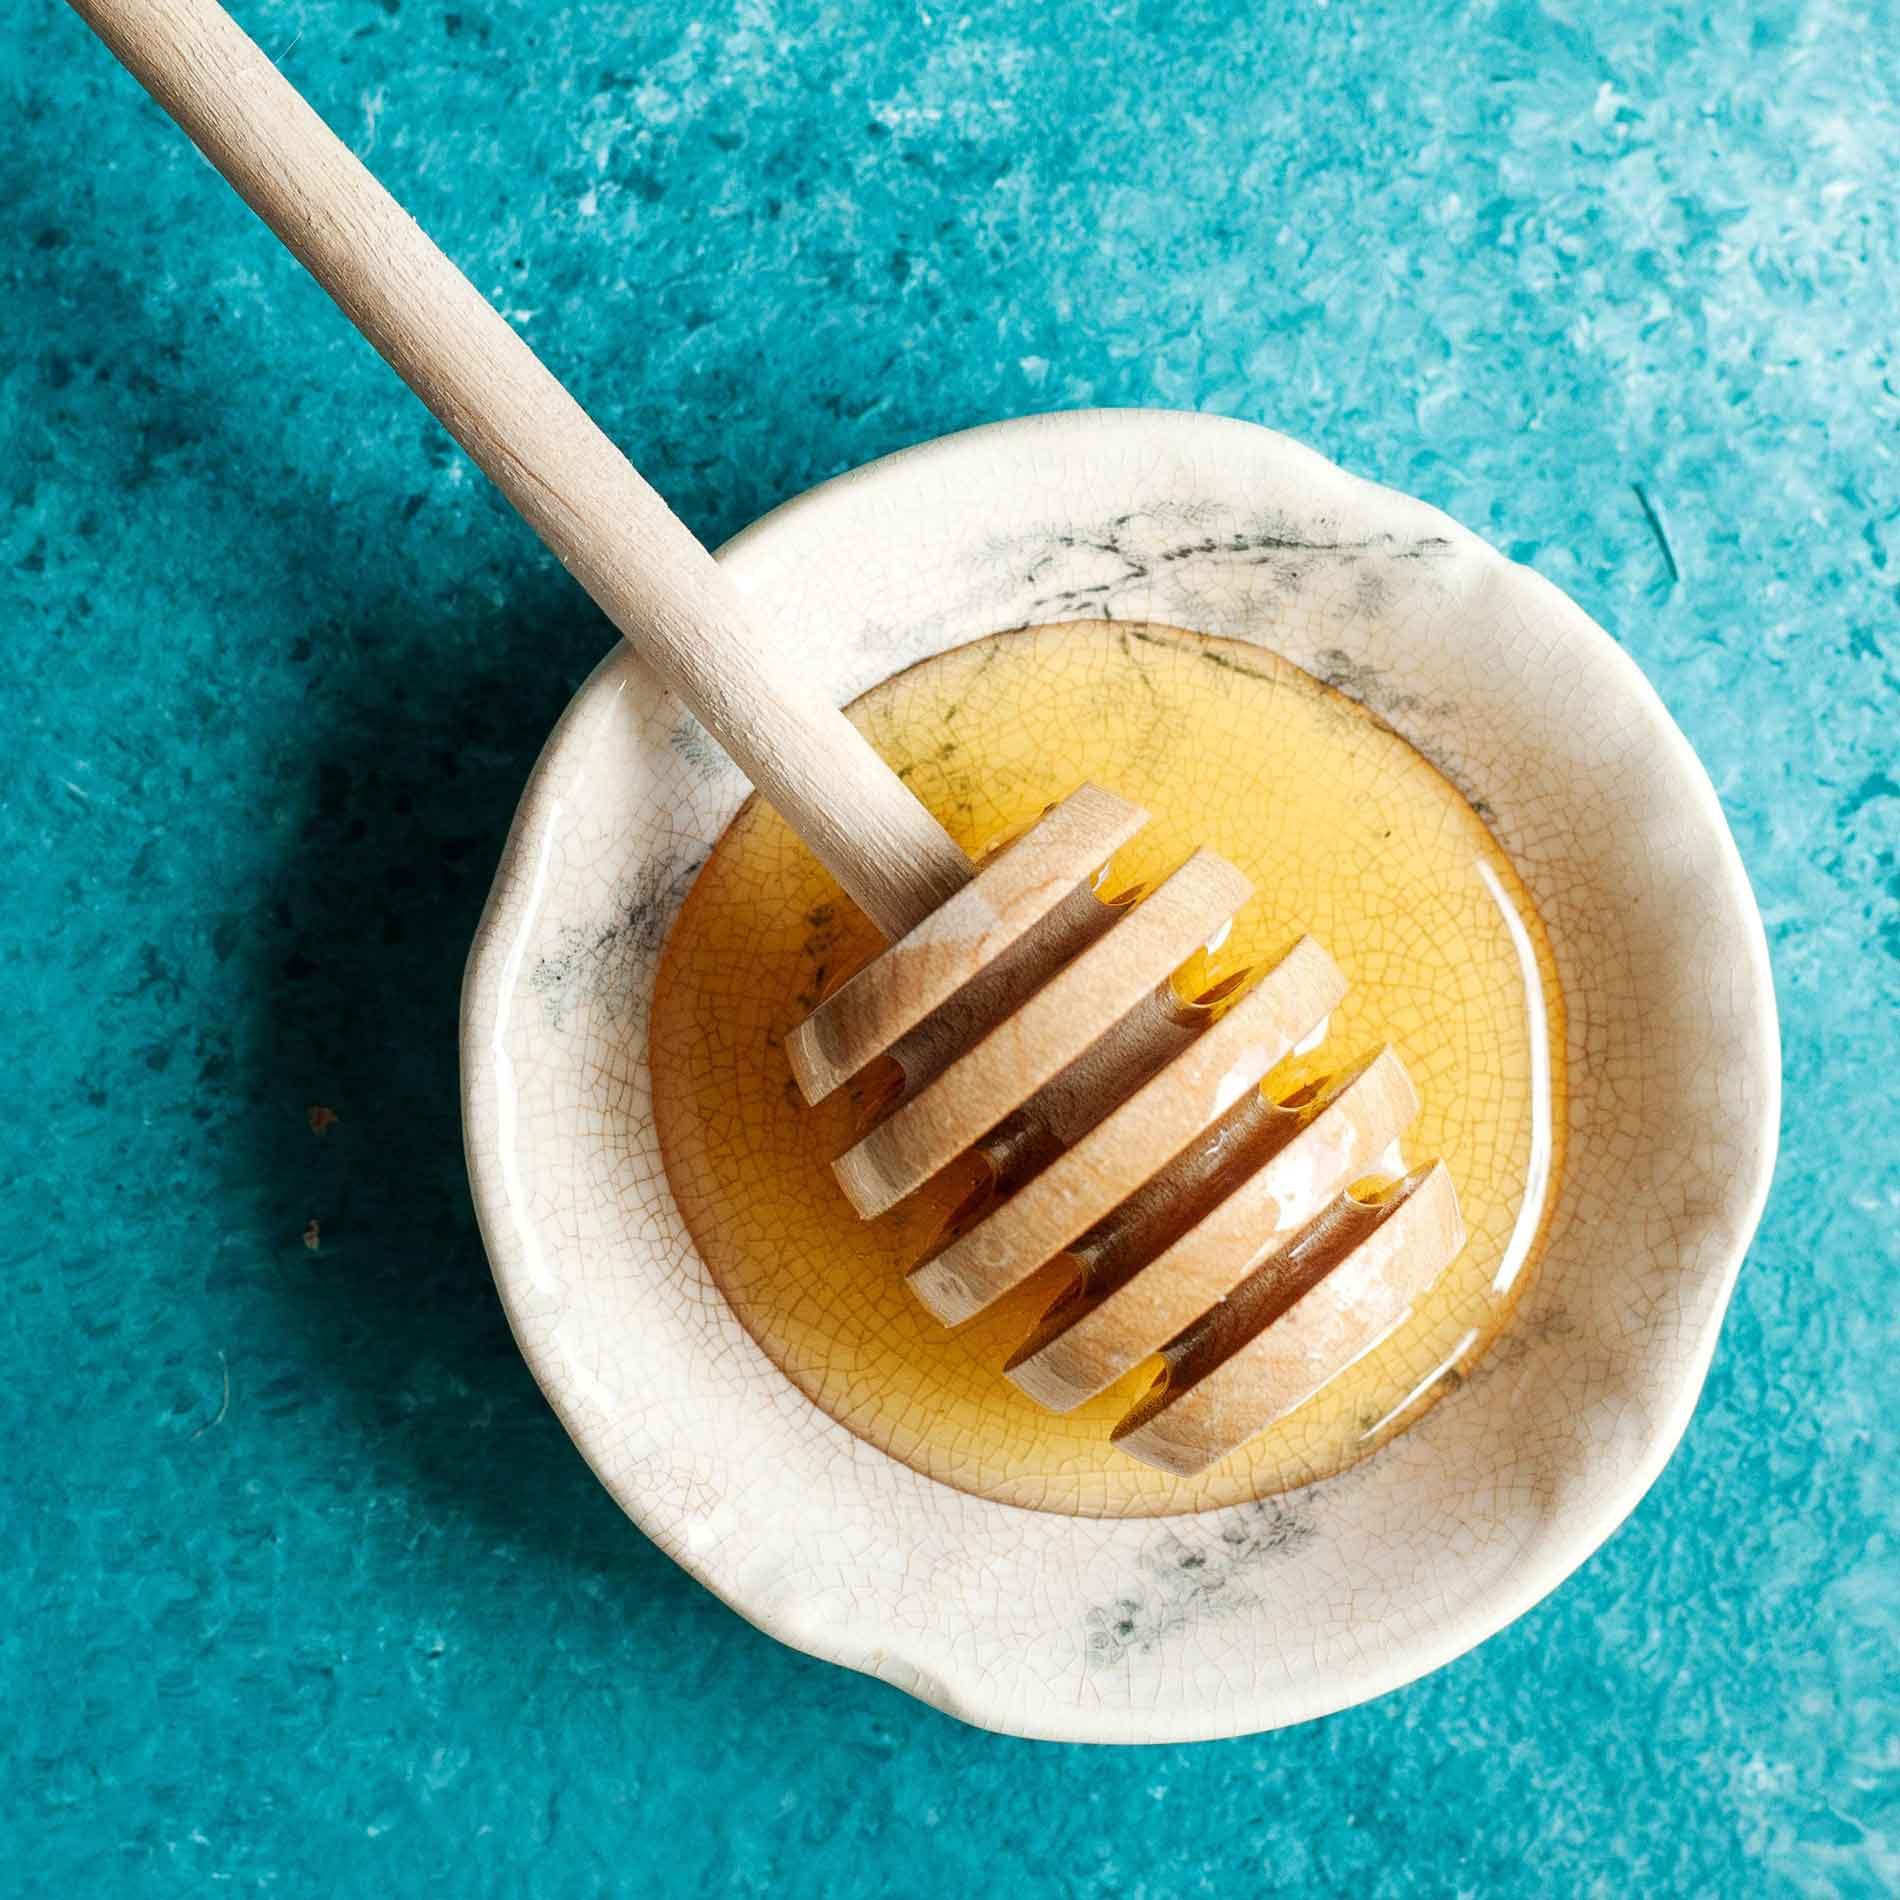 Honig ist gesund, Wirkung von Honig, Vorteile von Honig, Wundermittel Honig, flüssiges Gold Honig, Wohlbefinden,